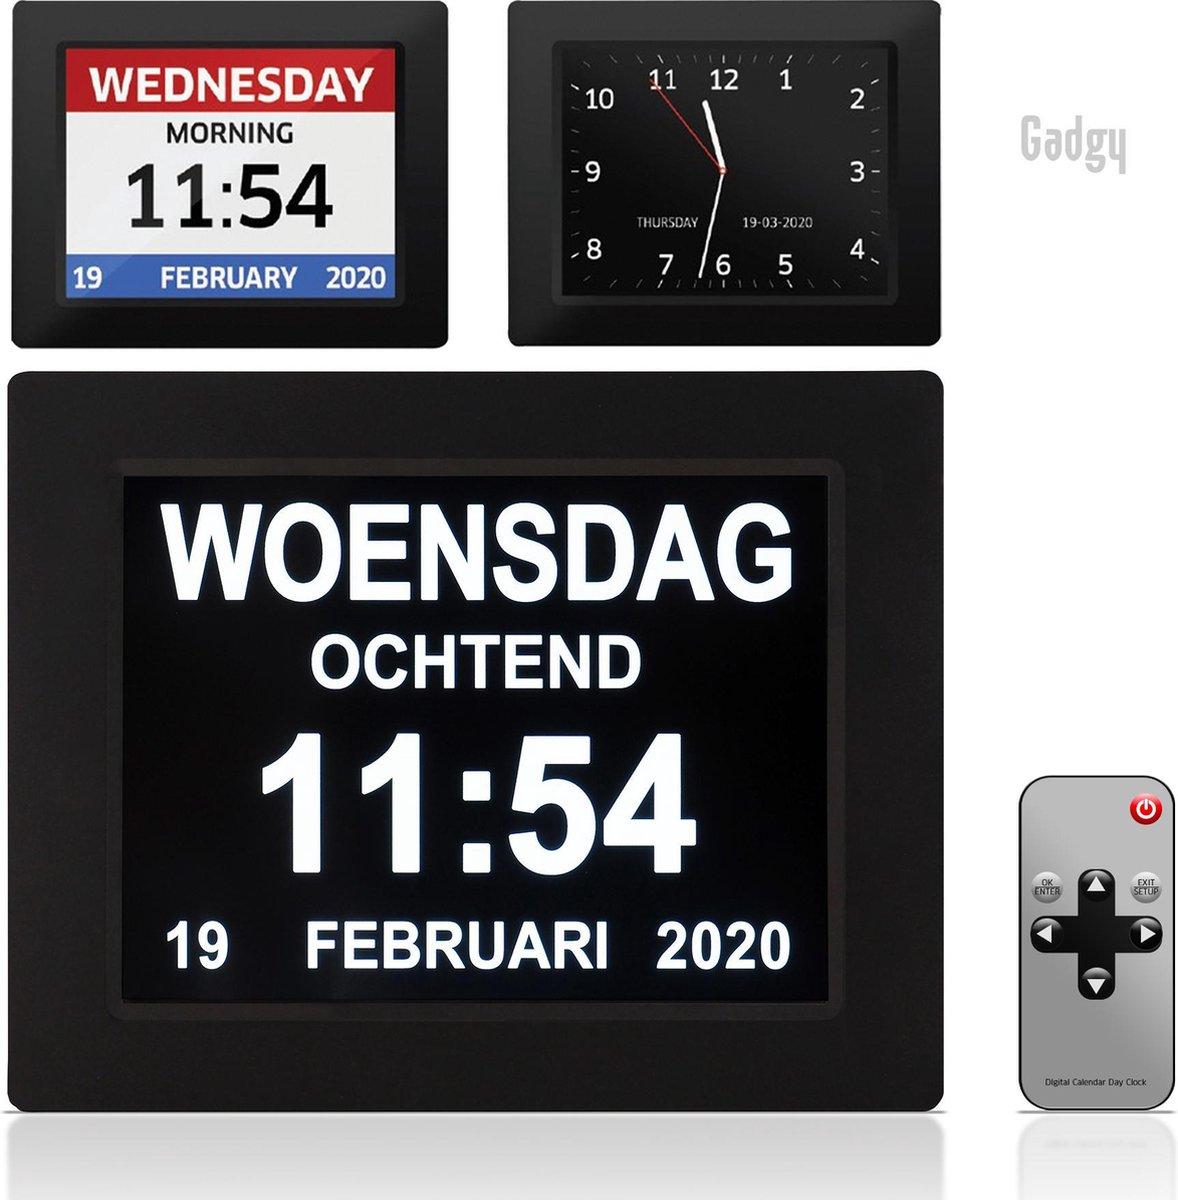 Gadgy Digitale Dementieklok - Kalenderklok met dag, datum, tijd en alarm   Alzheimer - met afstandsb